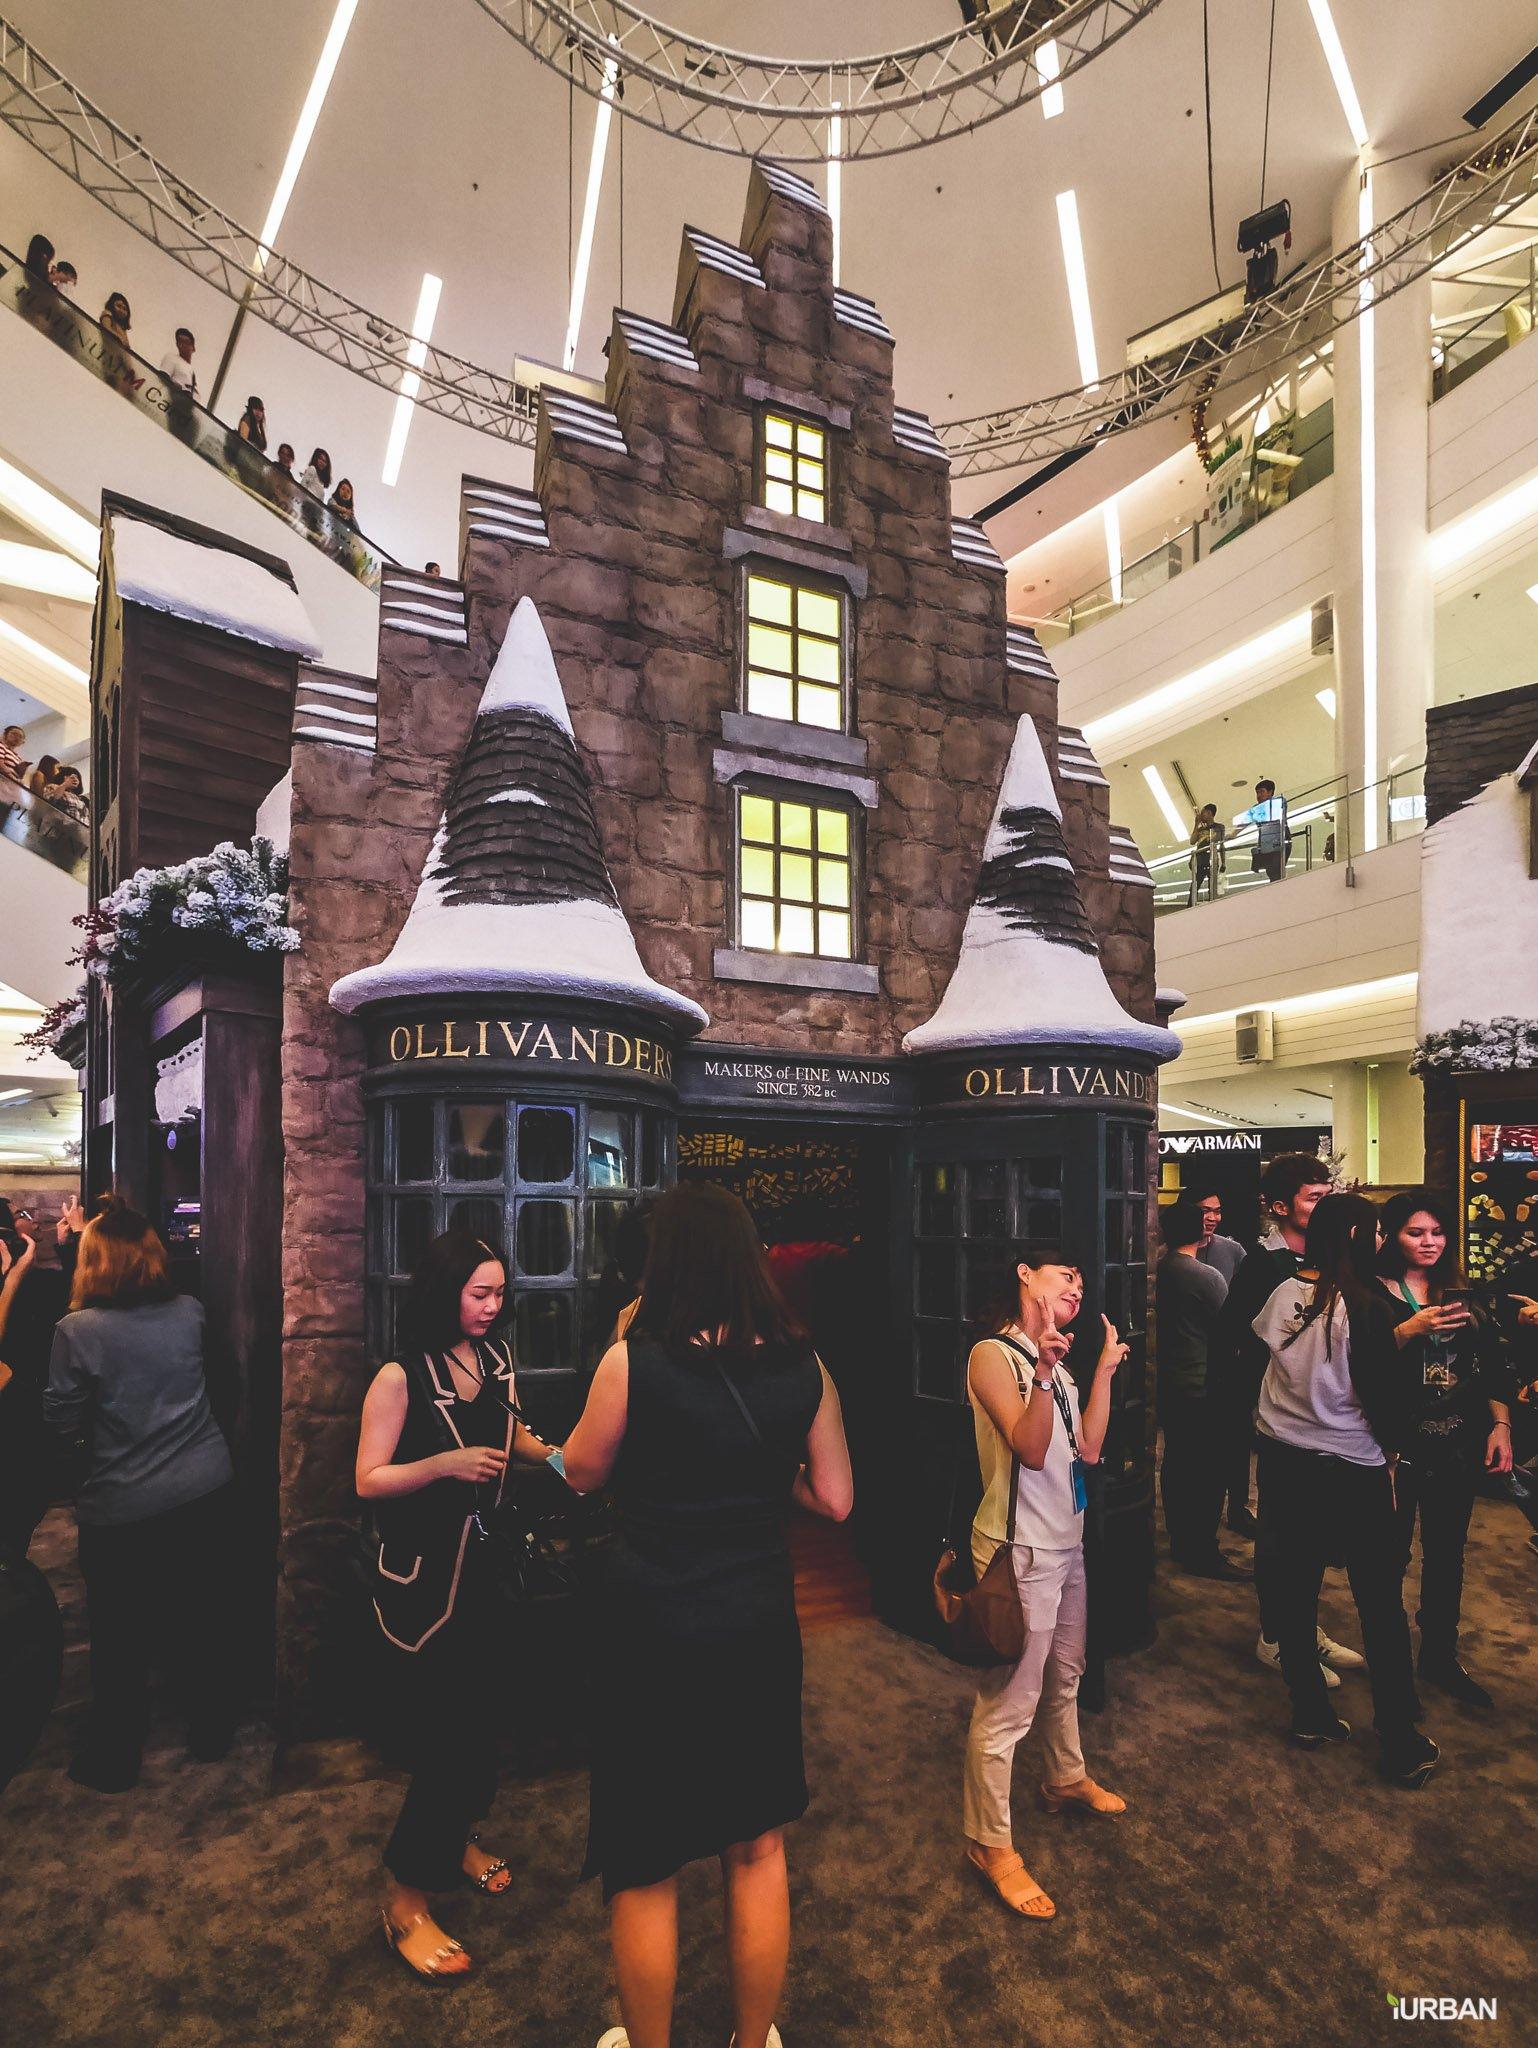 11 ไม้กายสิทธิ์ แฮร์รี่ พอตเตอร์ ราคา ที่งาน สยามพารากอน #HarryPotterThailand  Harry Potter Paragon 36 - Fantastic Beasts